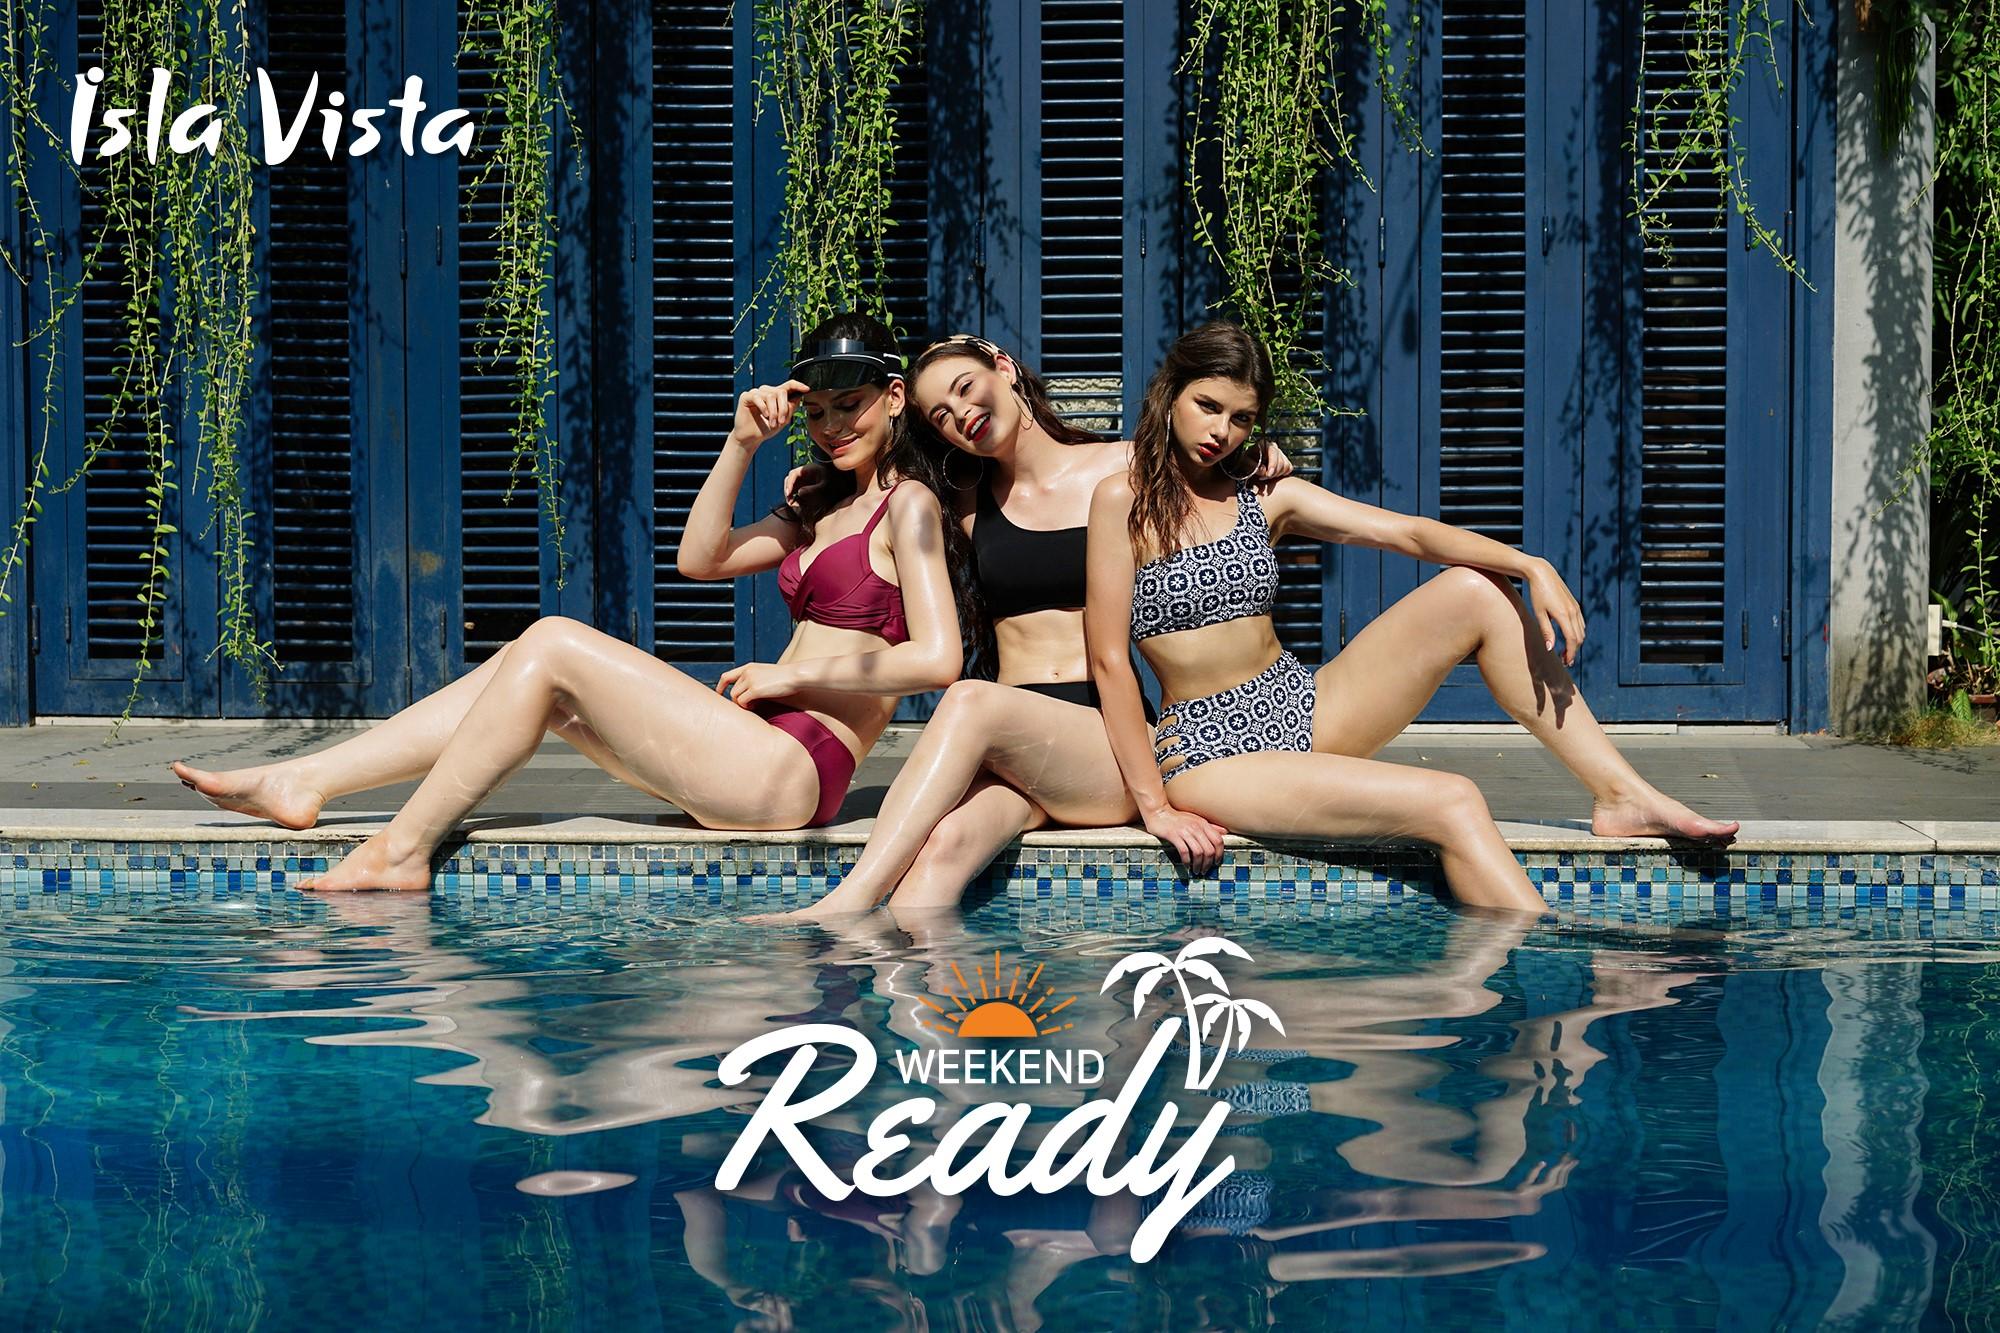 Isla Vista ra mắt những sản phẩm đồ bơi và phụ kiện cho những cô nàng sành điệu